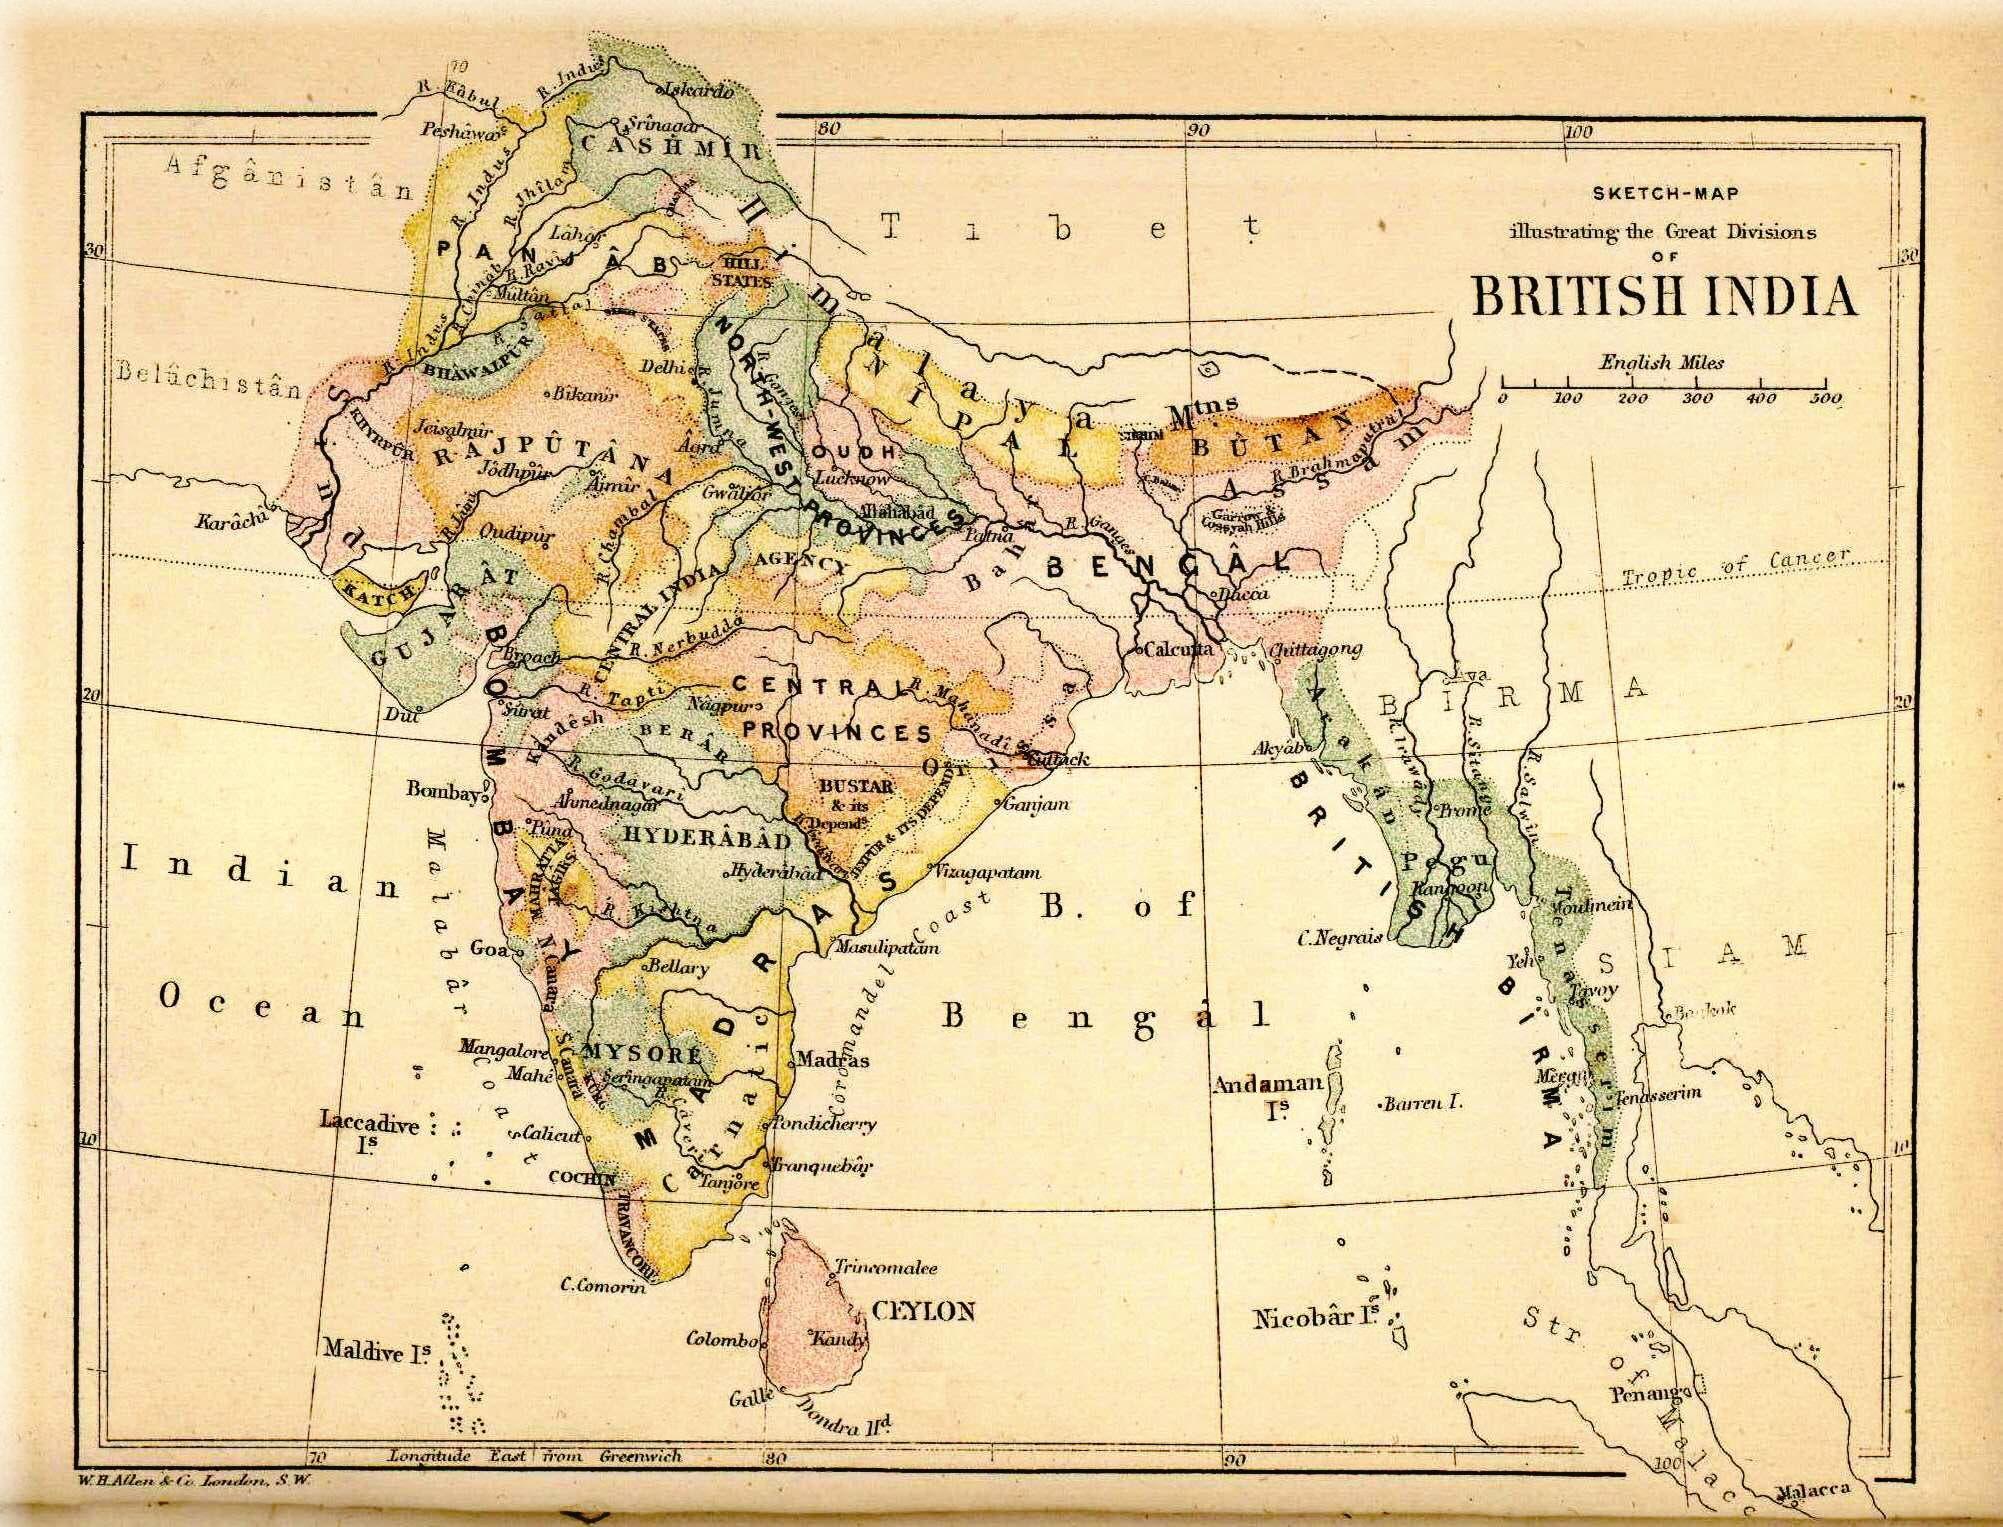 هكذا خدع الهنود بريطانيا وكسبوا ثروة وظهر تأثير الكوبرا 2697da44-dbce-4f6e-96ff-2d039c8207c0